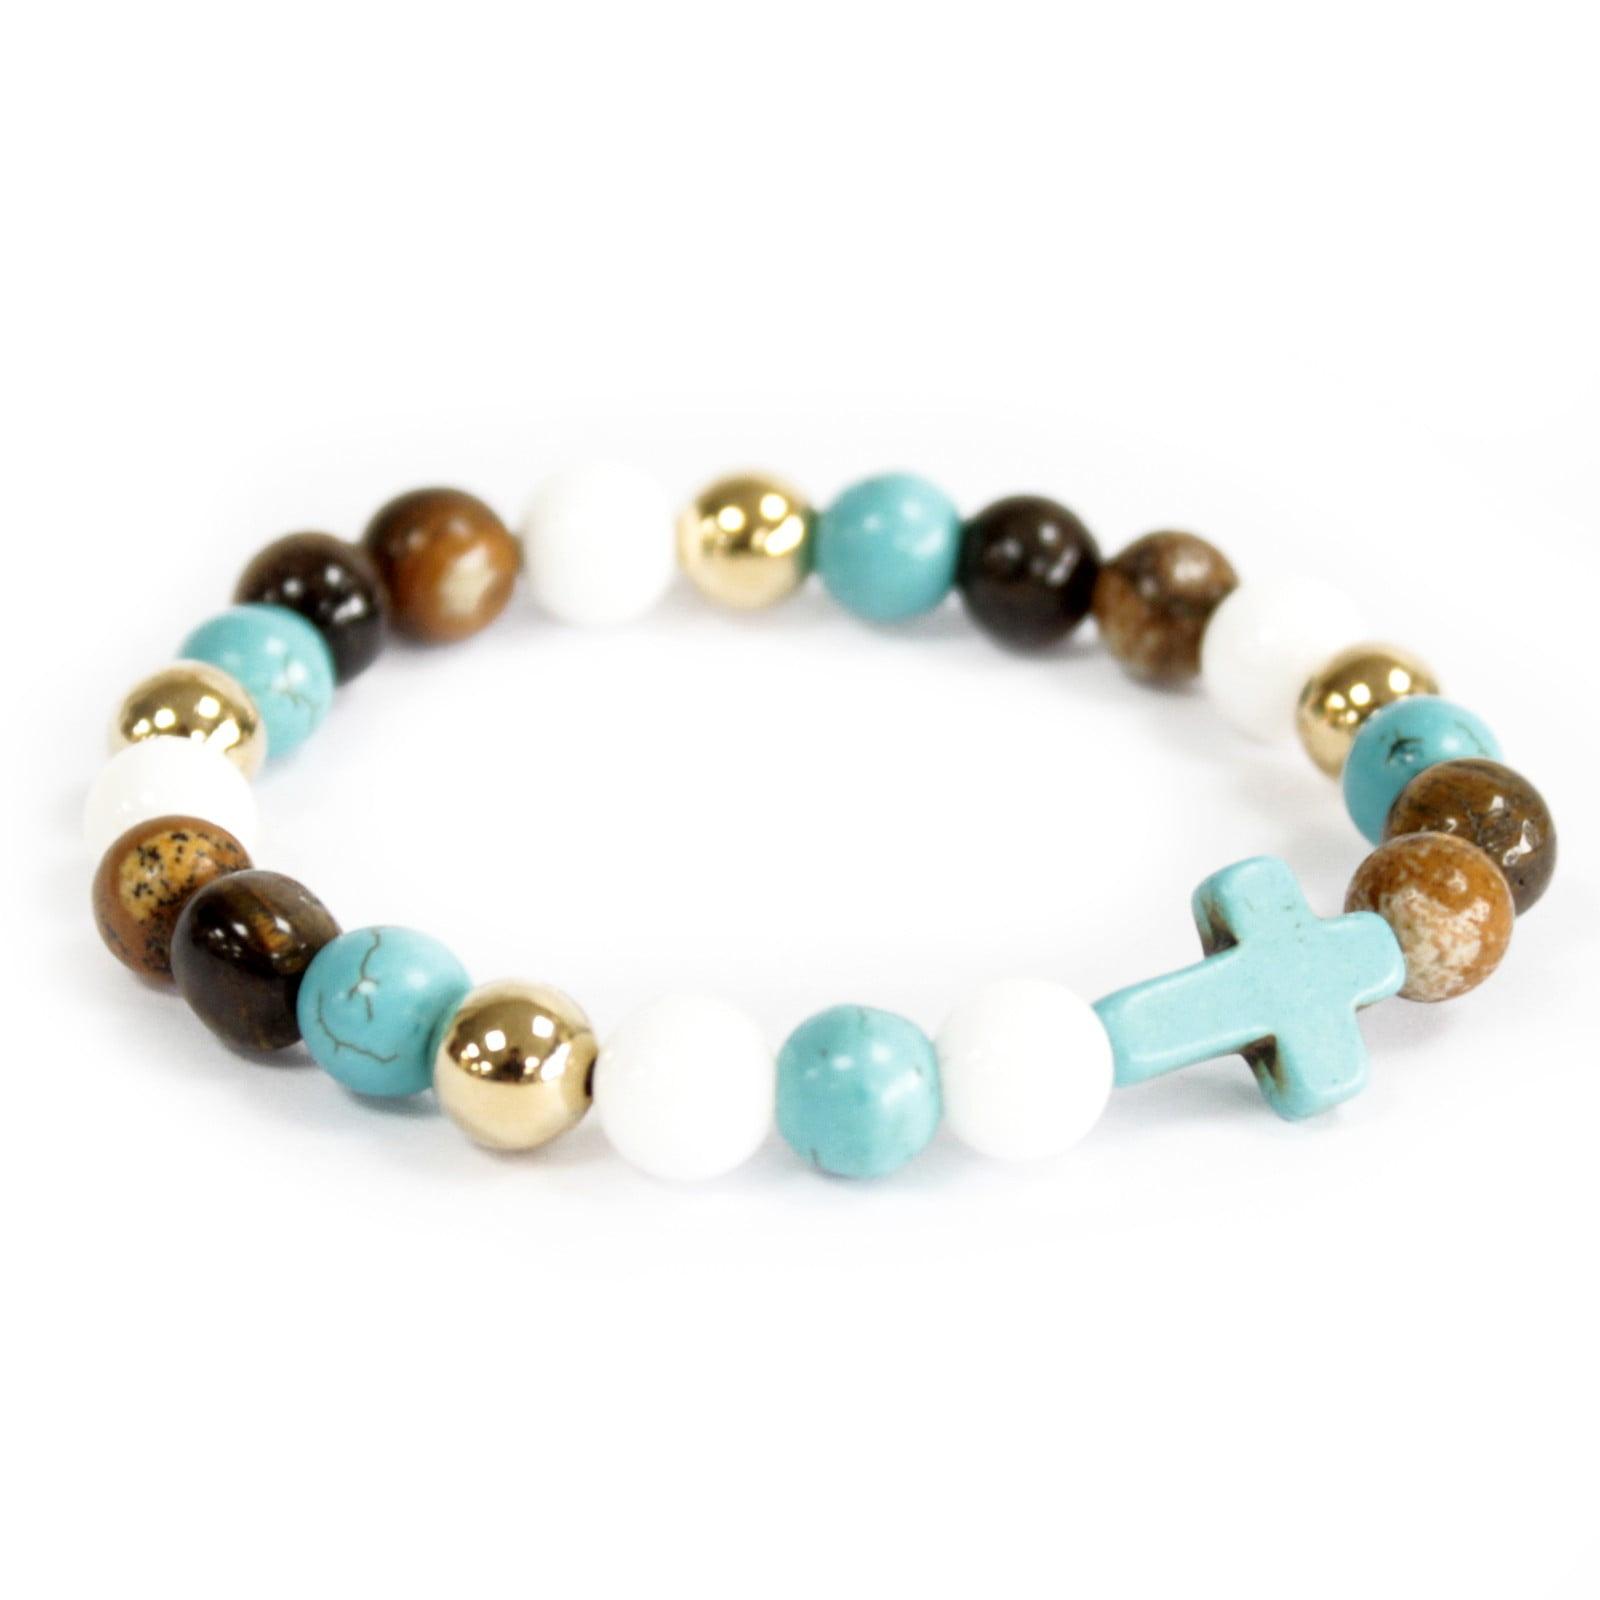 Turquoise Cross / Perlas reales - Pulsera de piedras preciosas